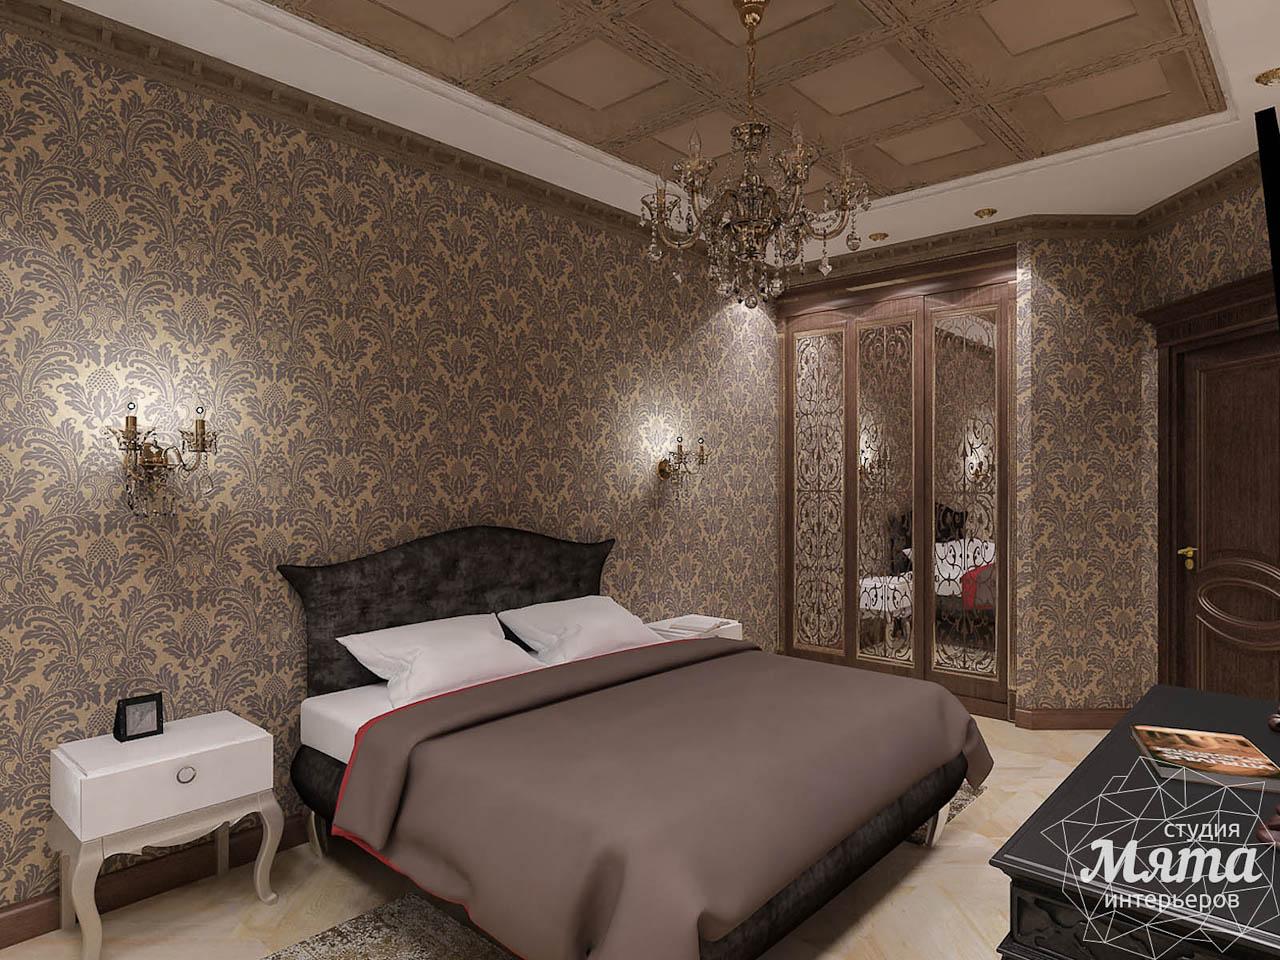 Дизайн интерьера двухкомнатной квартиры по ул. Мельникова 38 img1246234892